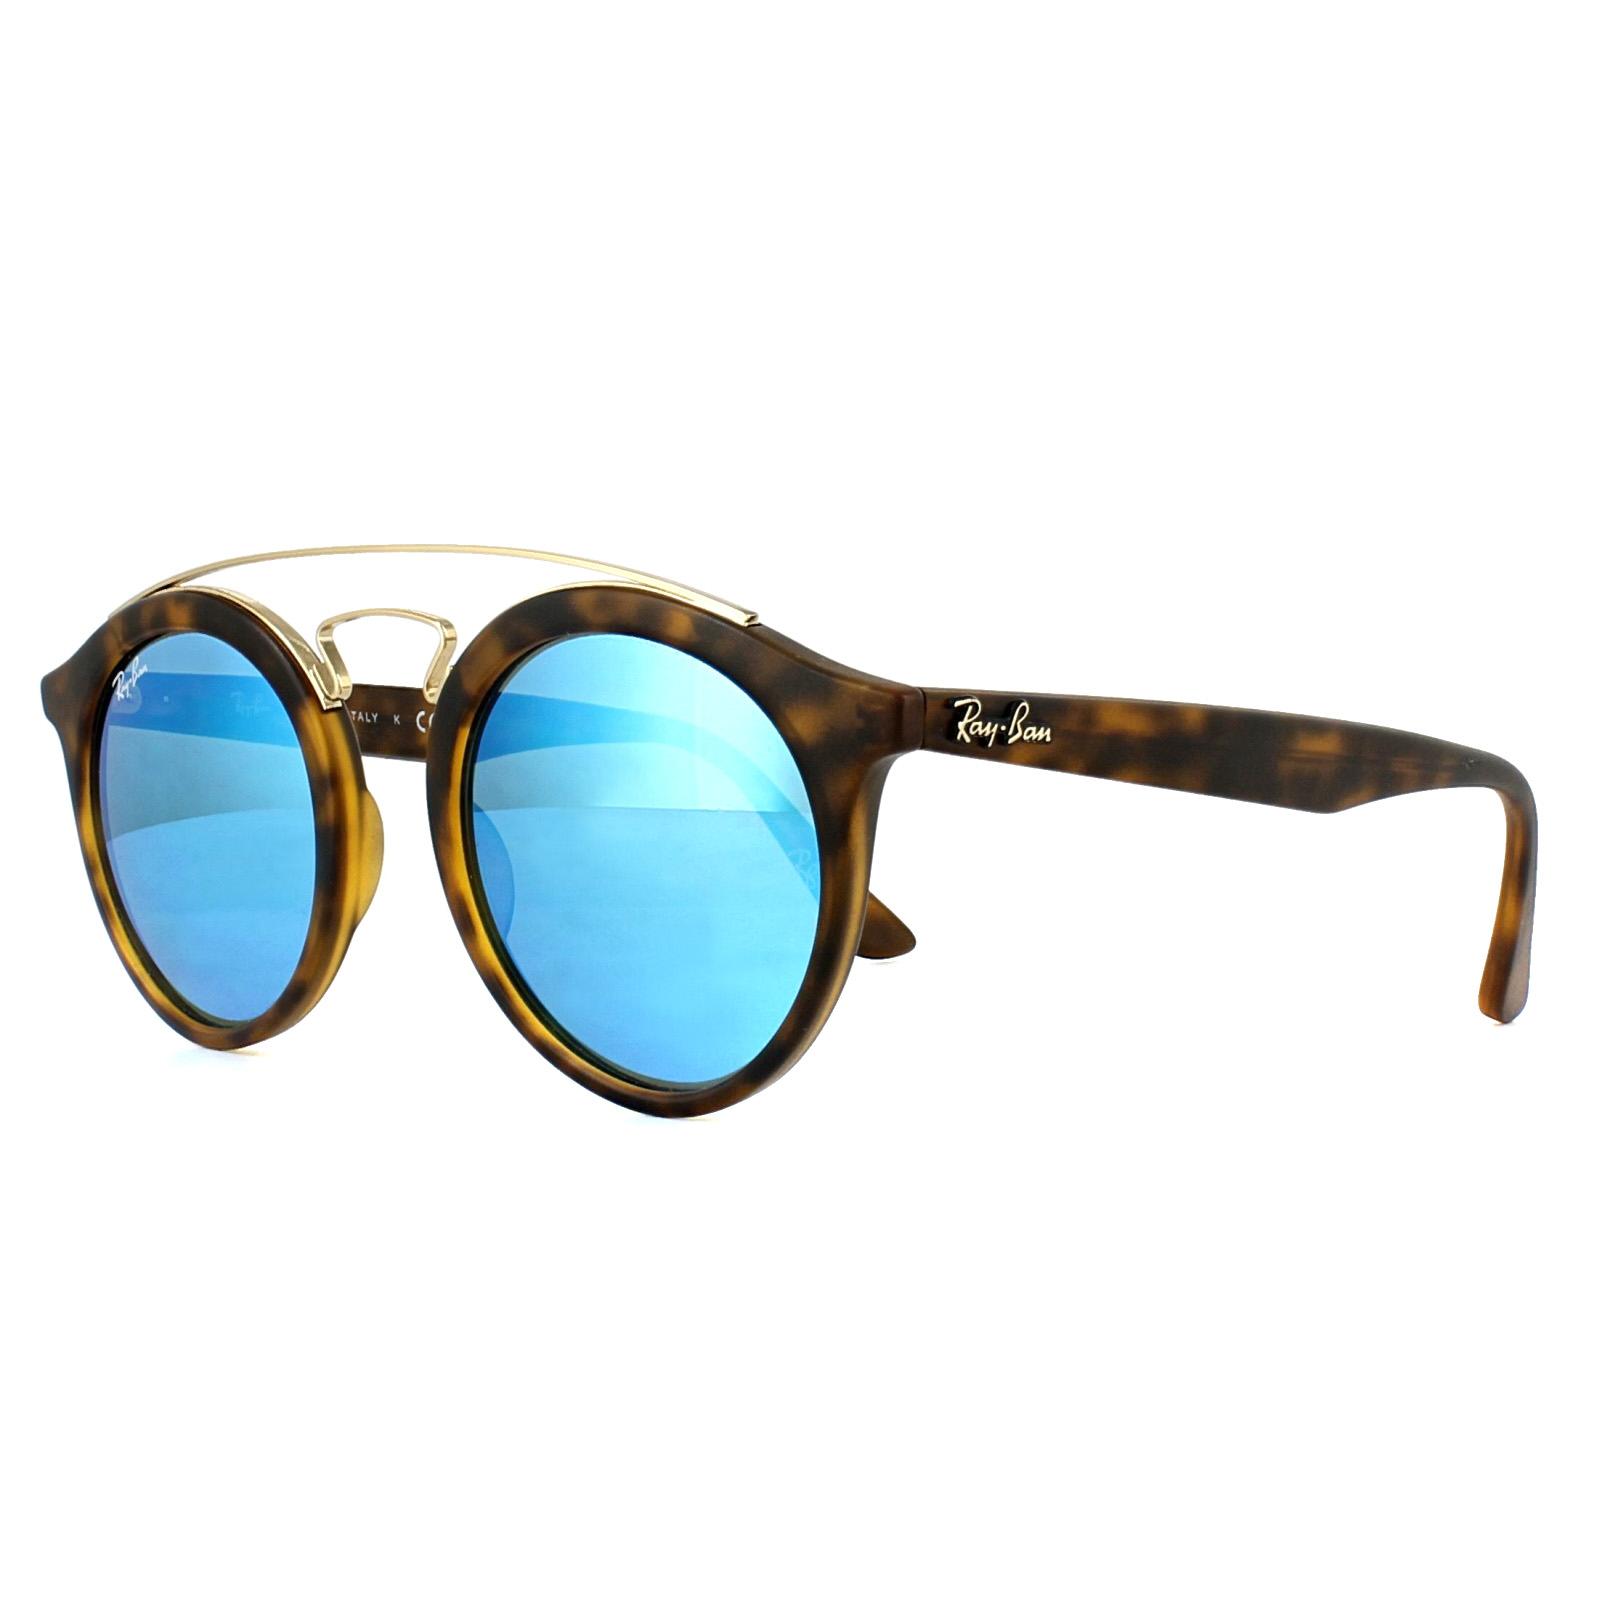 7520b1696b Sentinel Ray-Ban Sunglasses Gatsby 4256 609255 Matt Havana Blue Mirror 46mm